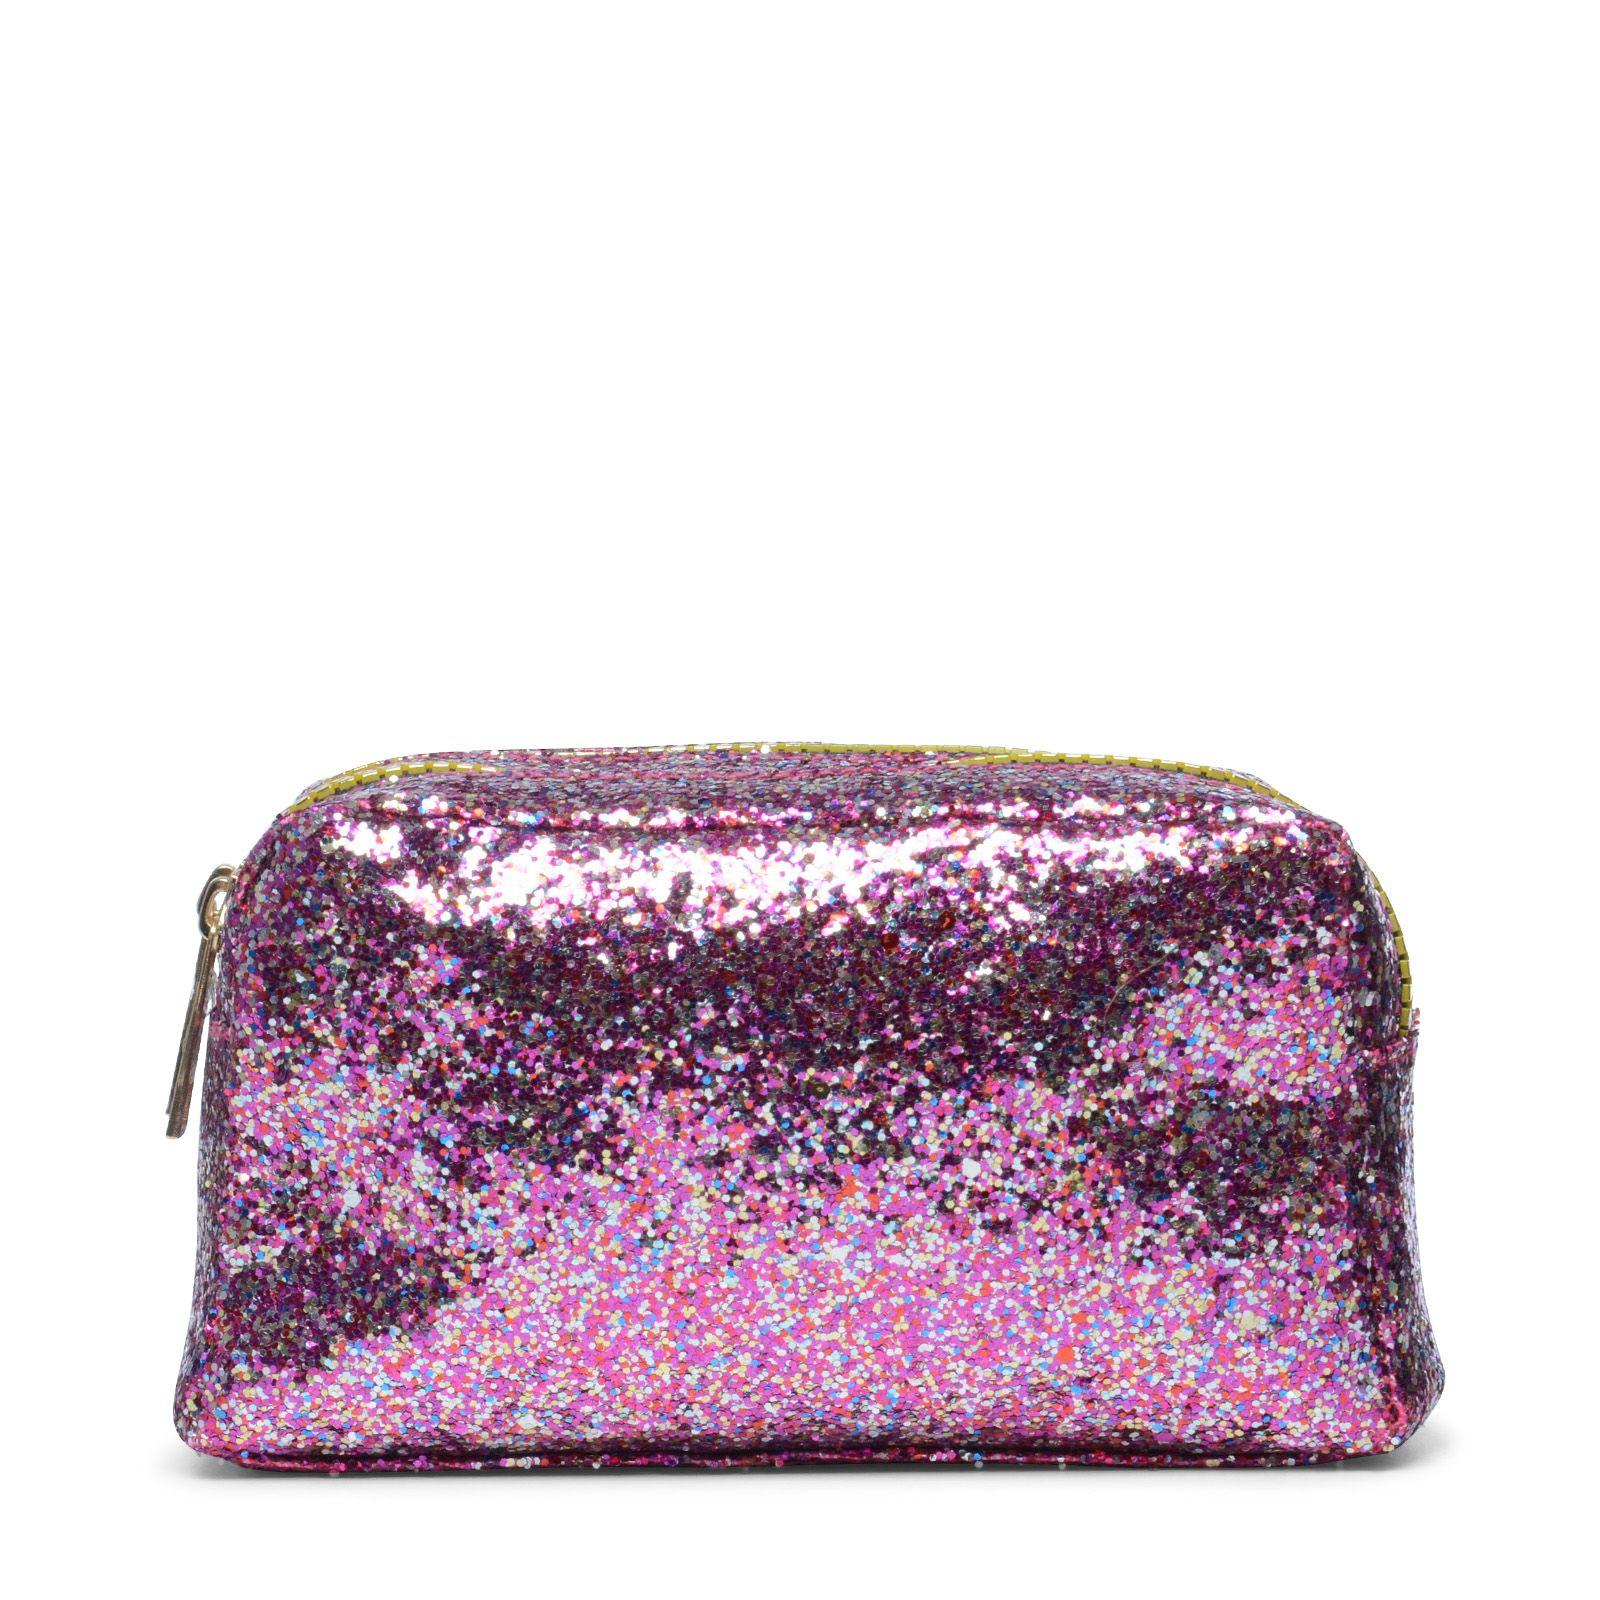 Toilettasje roze met glitters